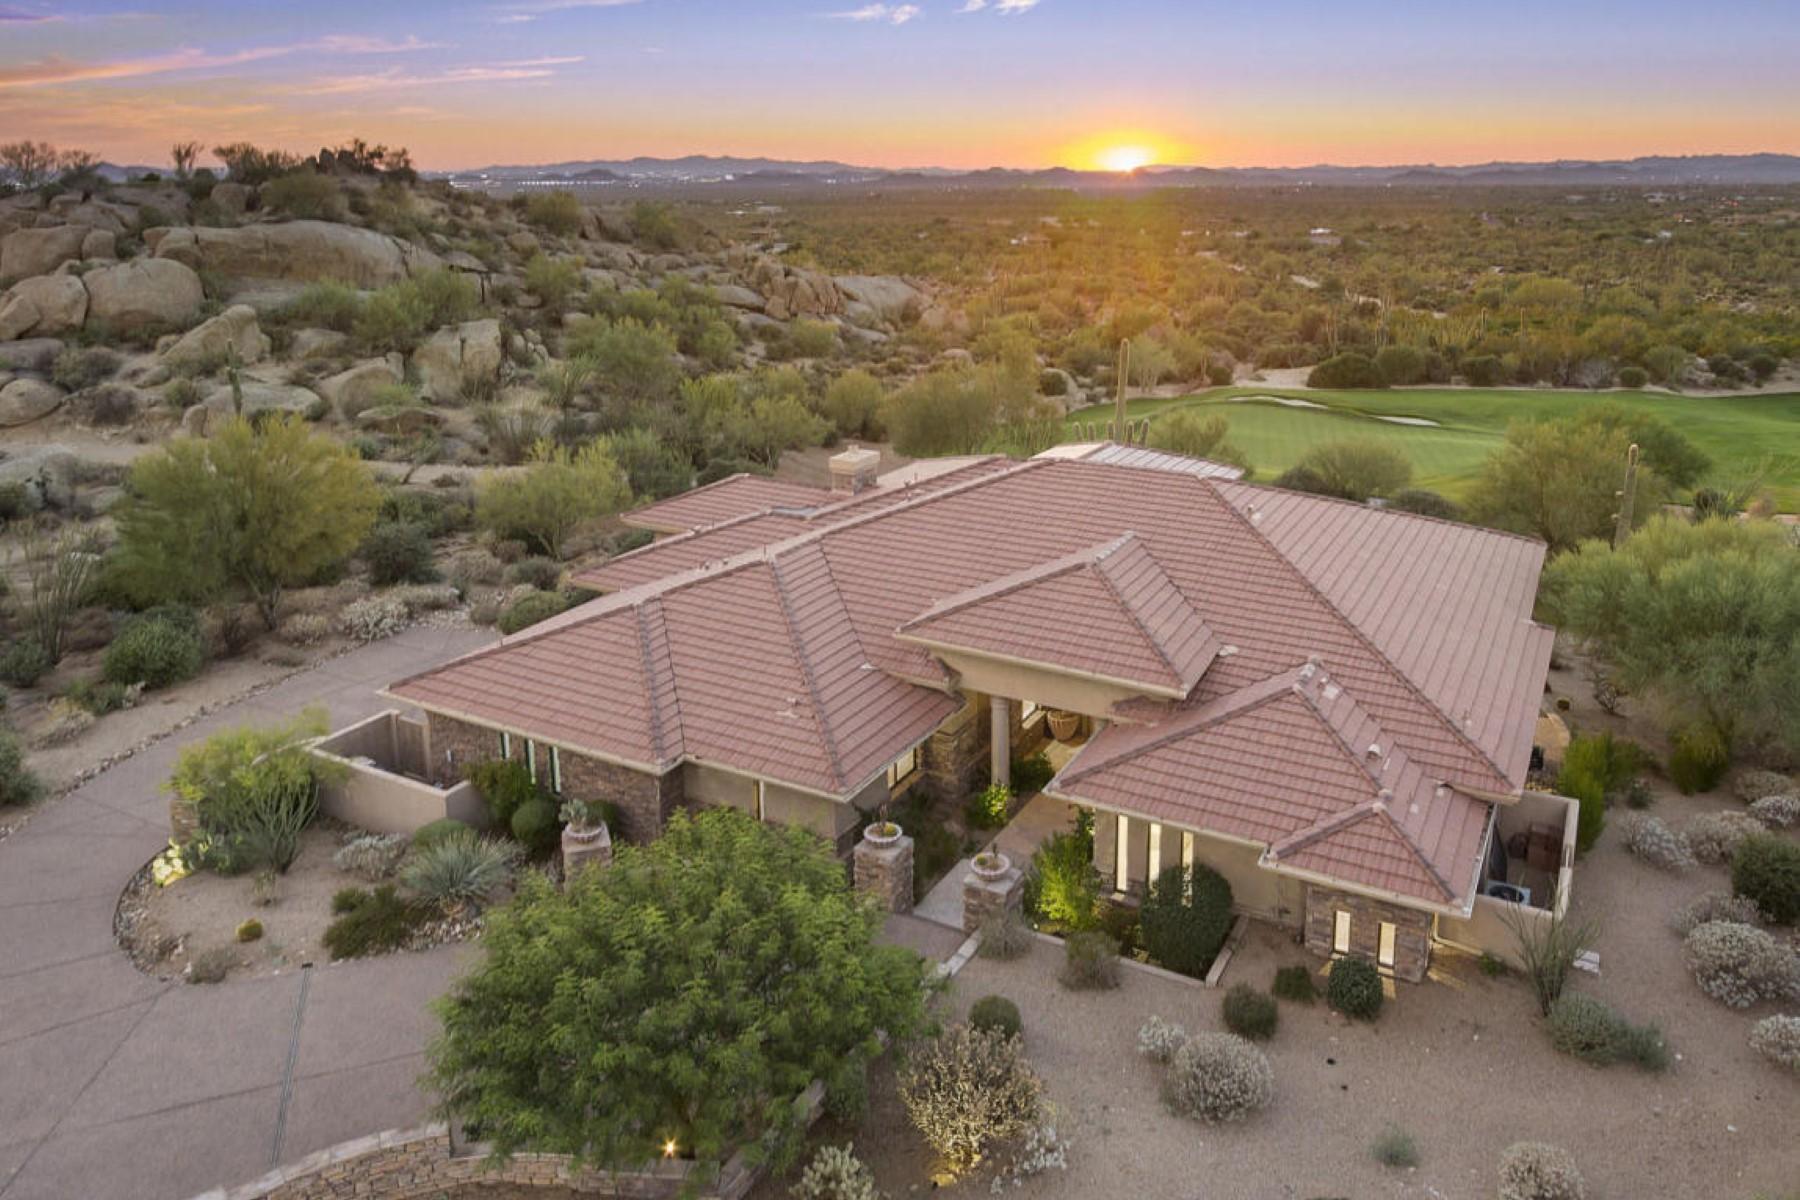 Частный односемейный дом для того Продажа на Beautiful Home on Estancia Golf Course with Spectacular Panoramic Views 27334 N 96th Way Scottsdale, Аризона, 85262 Соединенные Штаты